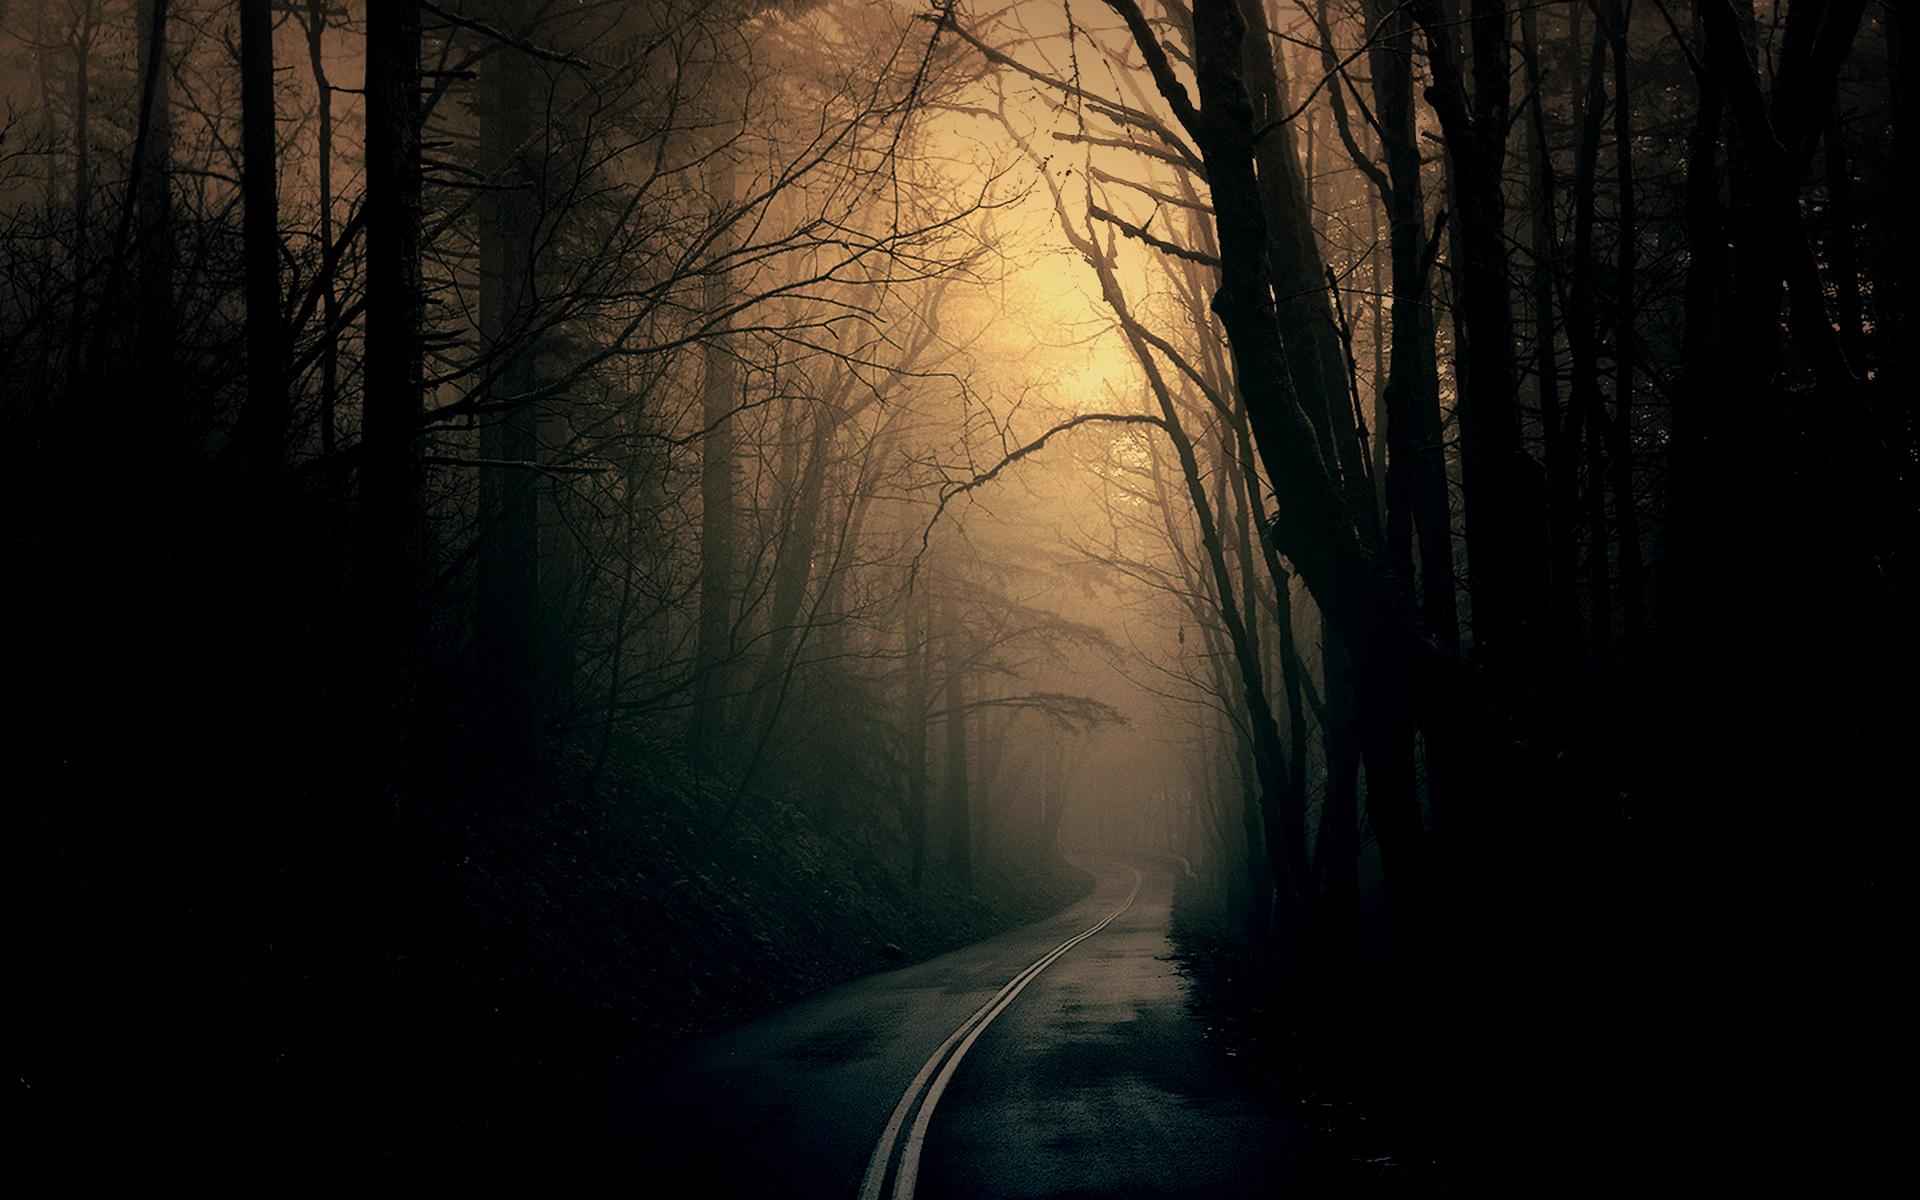 dark-forest-wallpaper-wpc9004021